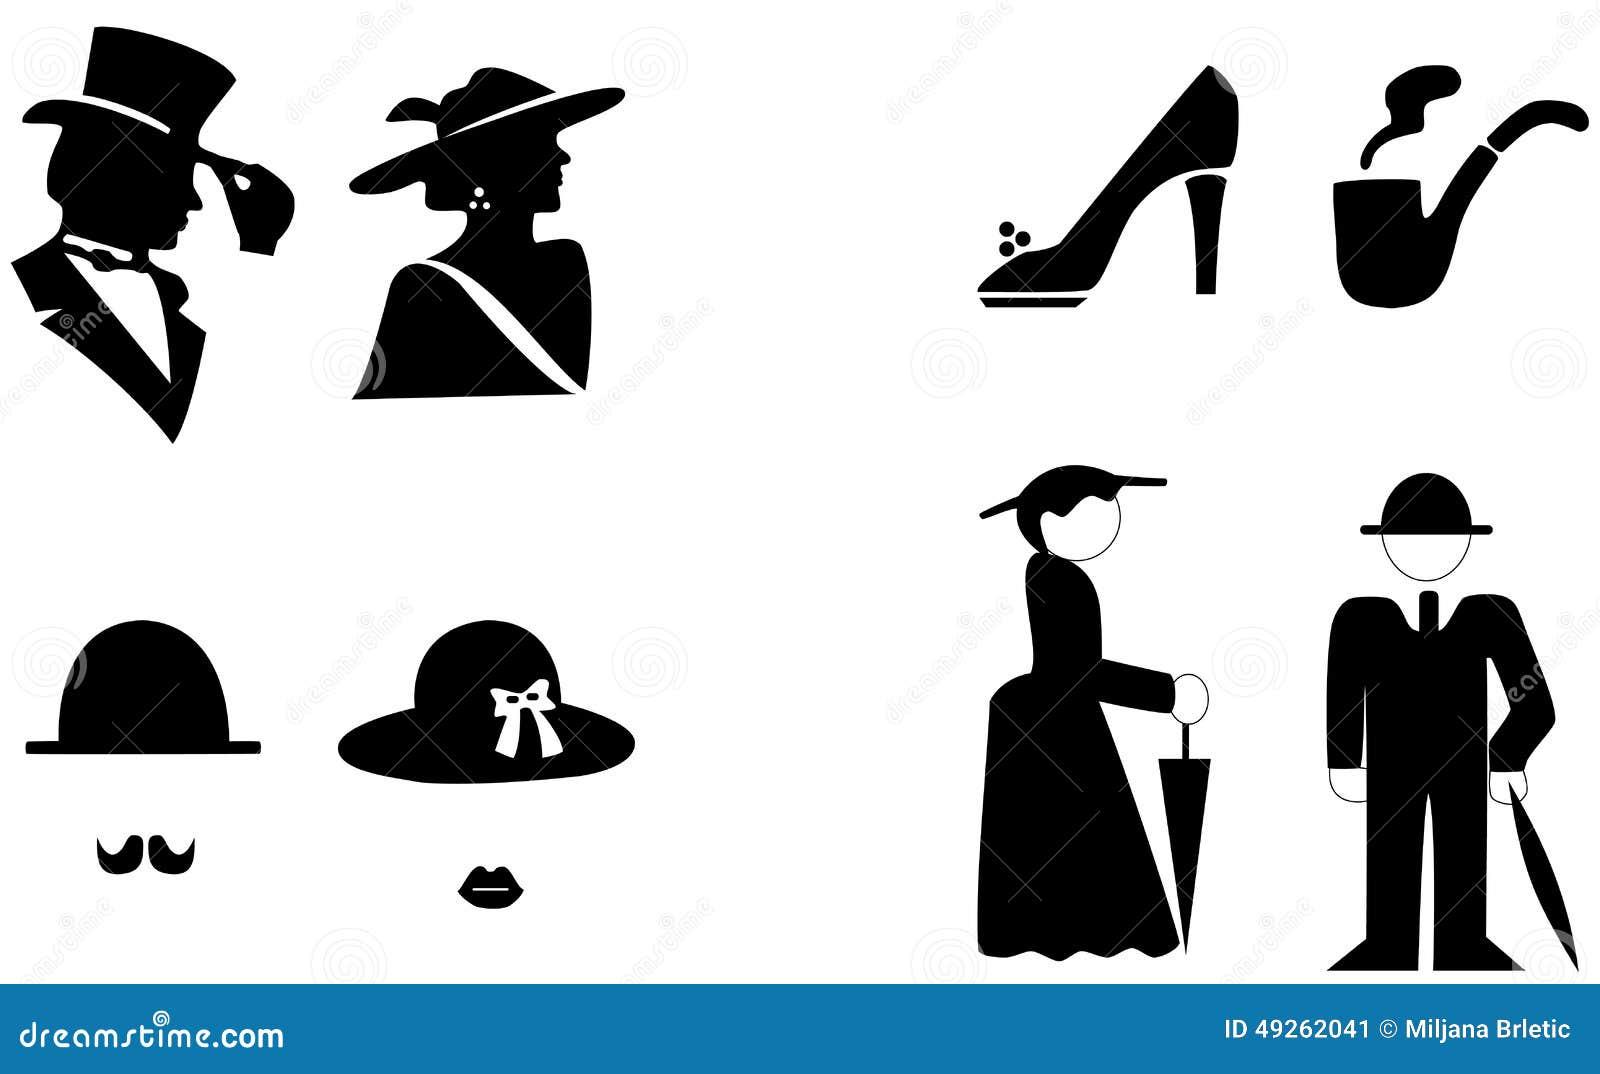 Simbolo del wc toilette toilette illustrazione for Wc immagini